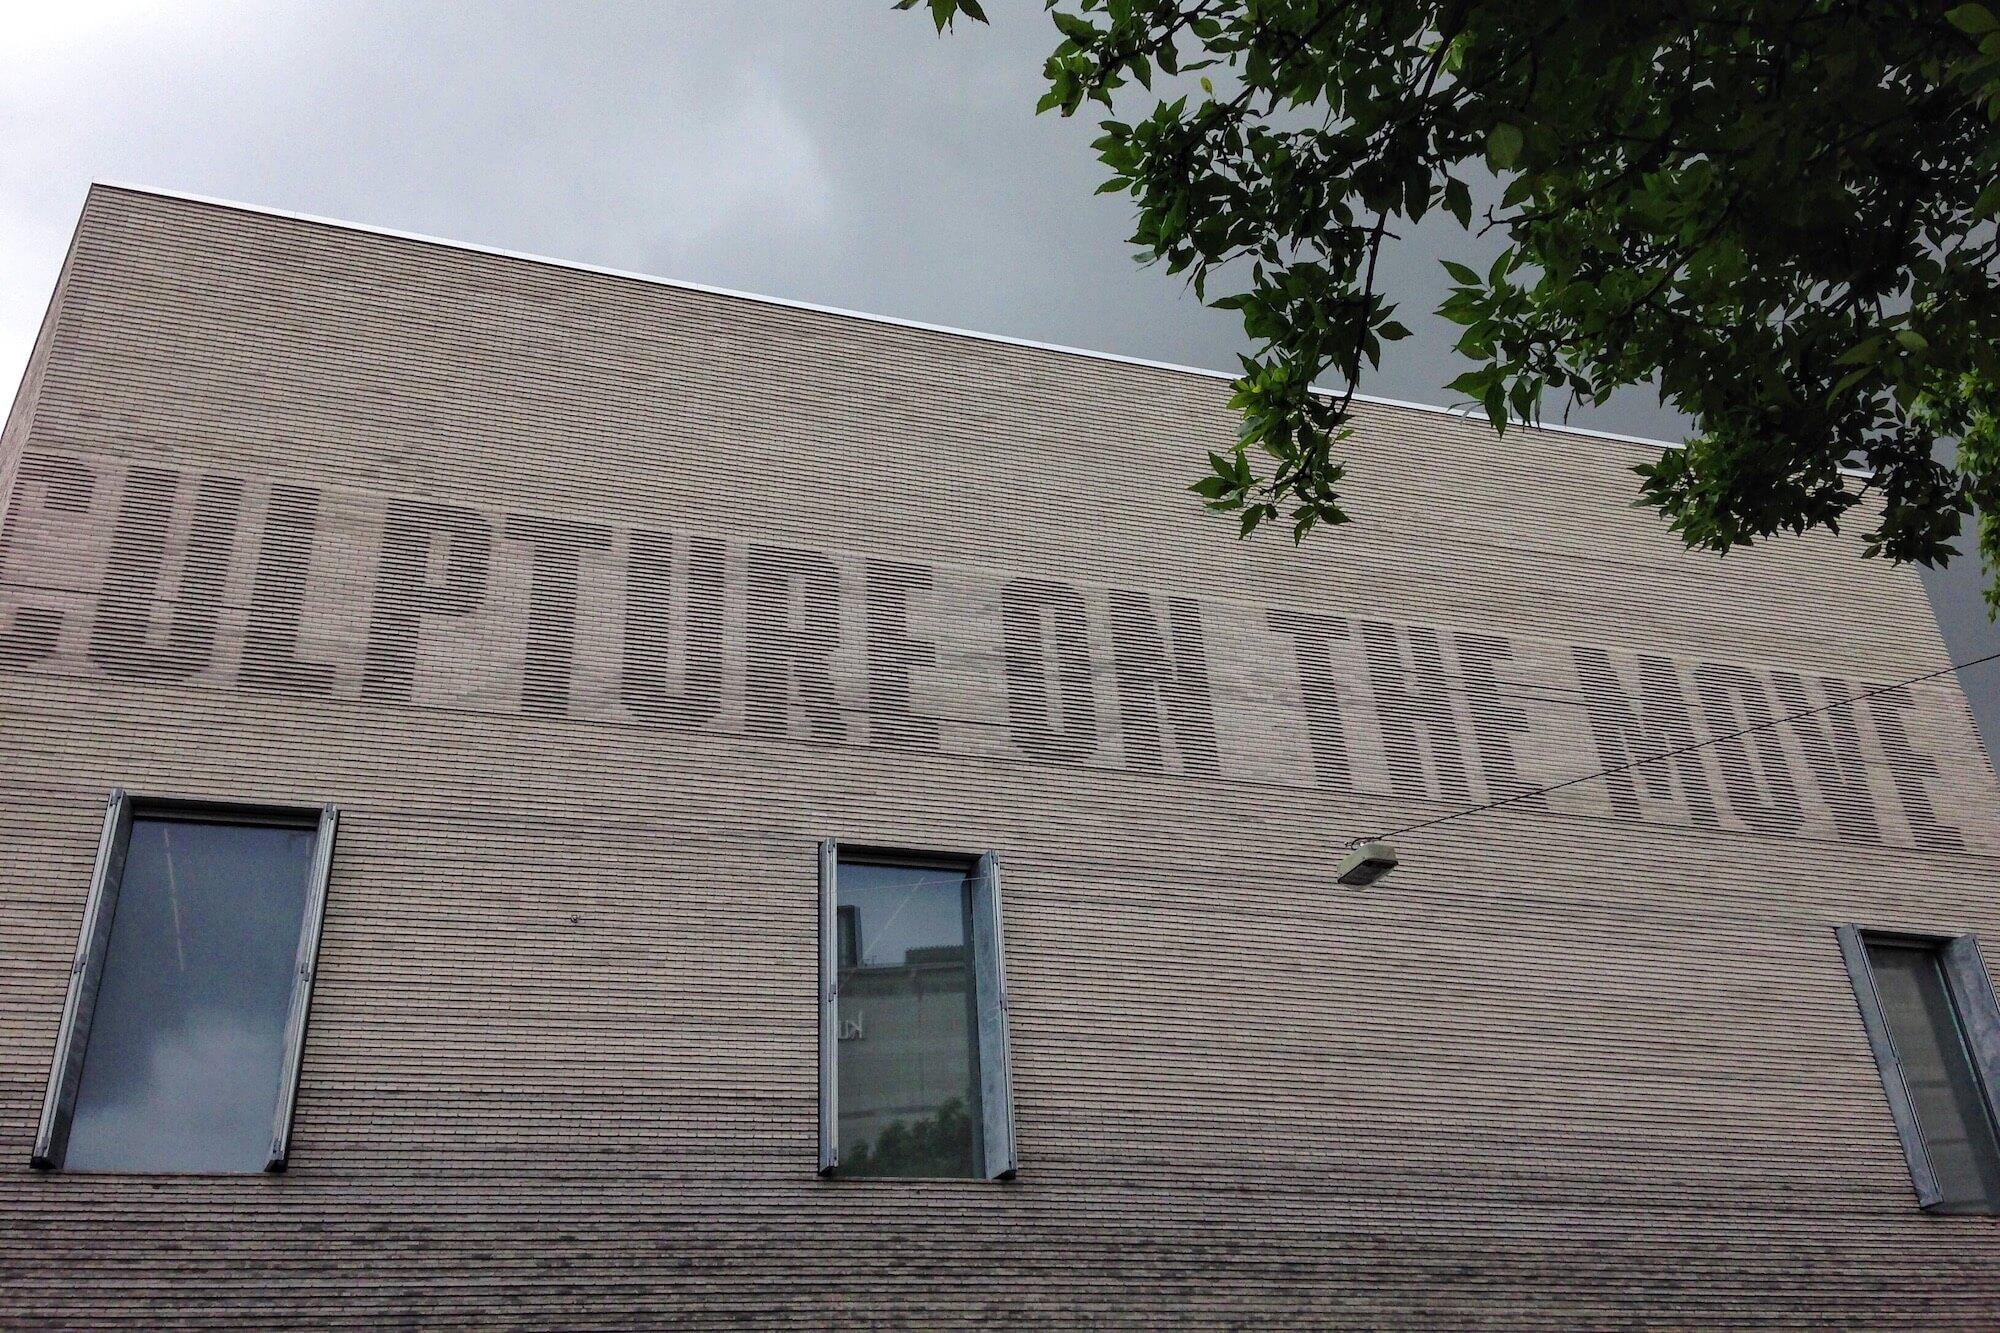 Der Lichtfries der Agentur iart ist das Highlight des von den Architekten Christ & Gantenbein gestalteten Neubaus des Kunstmuseum Basel.